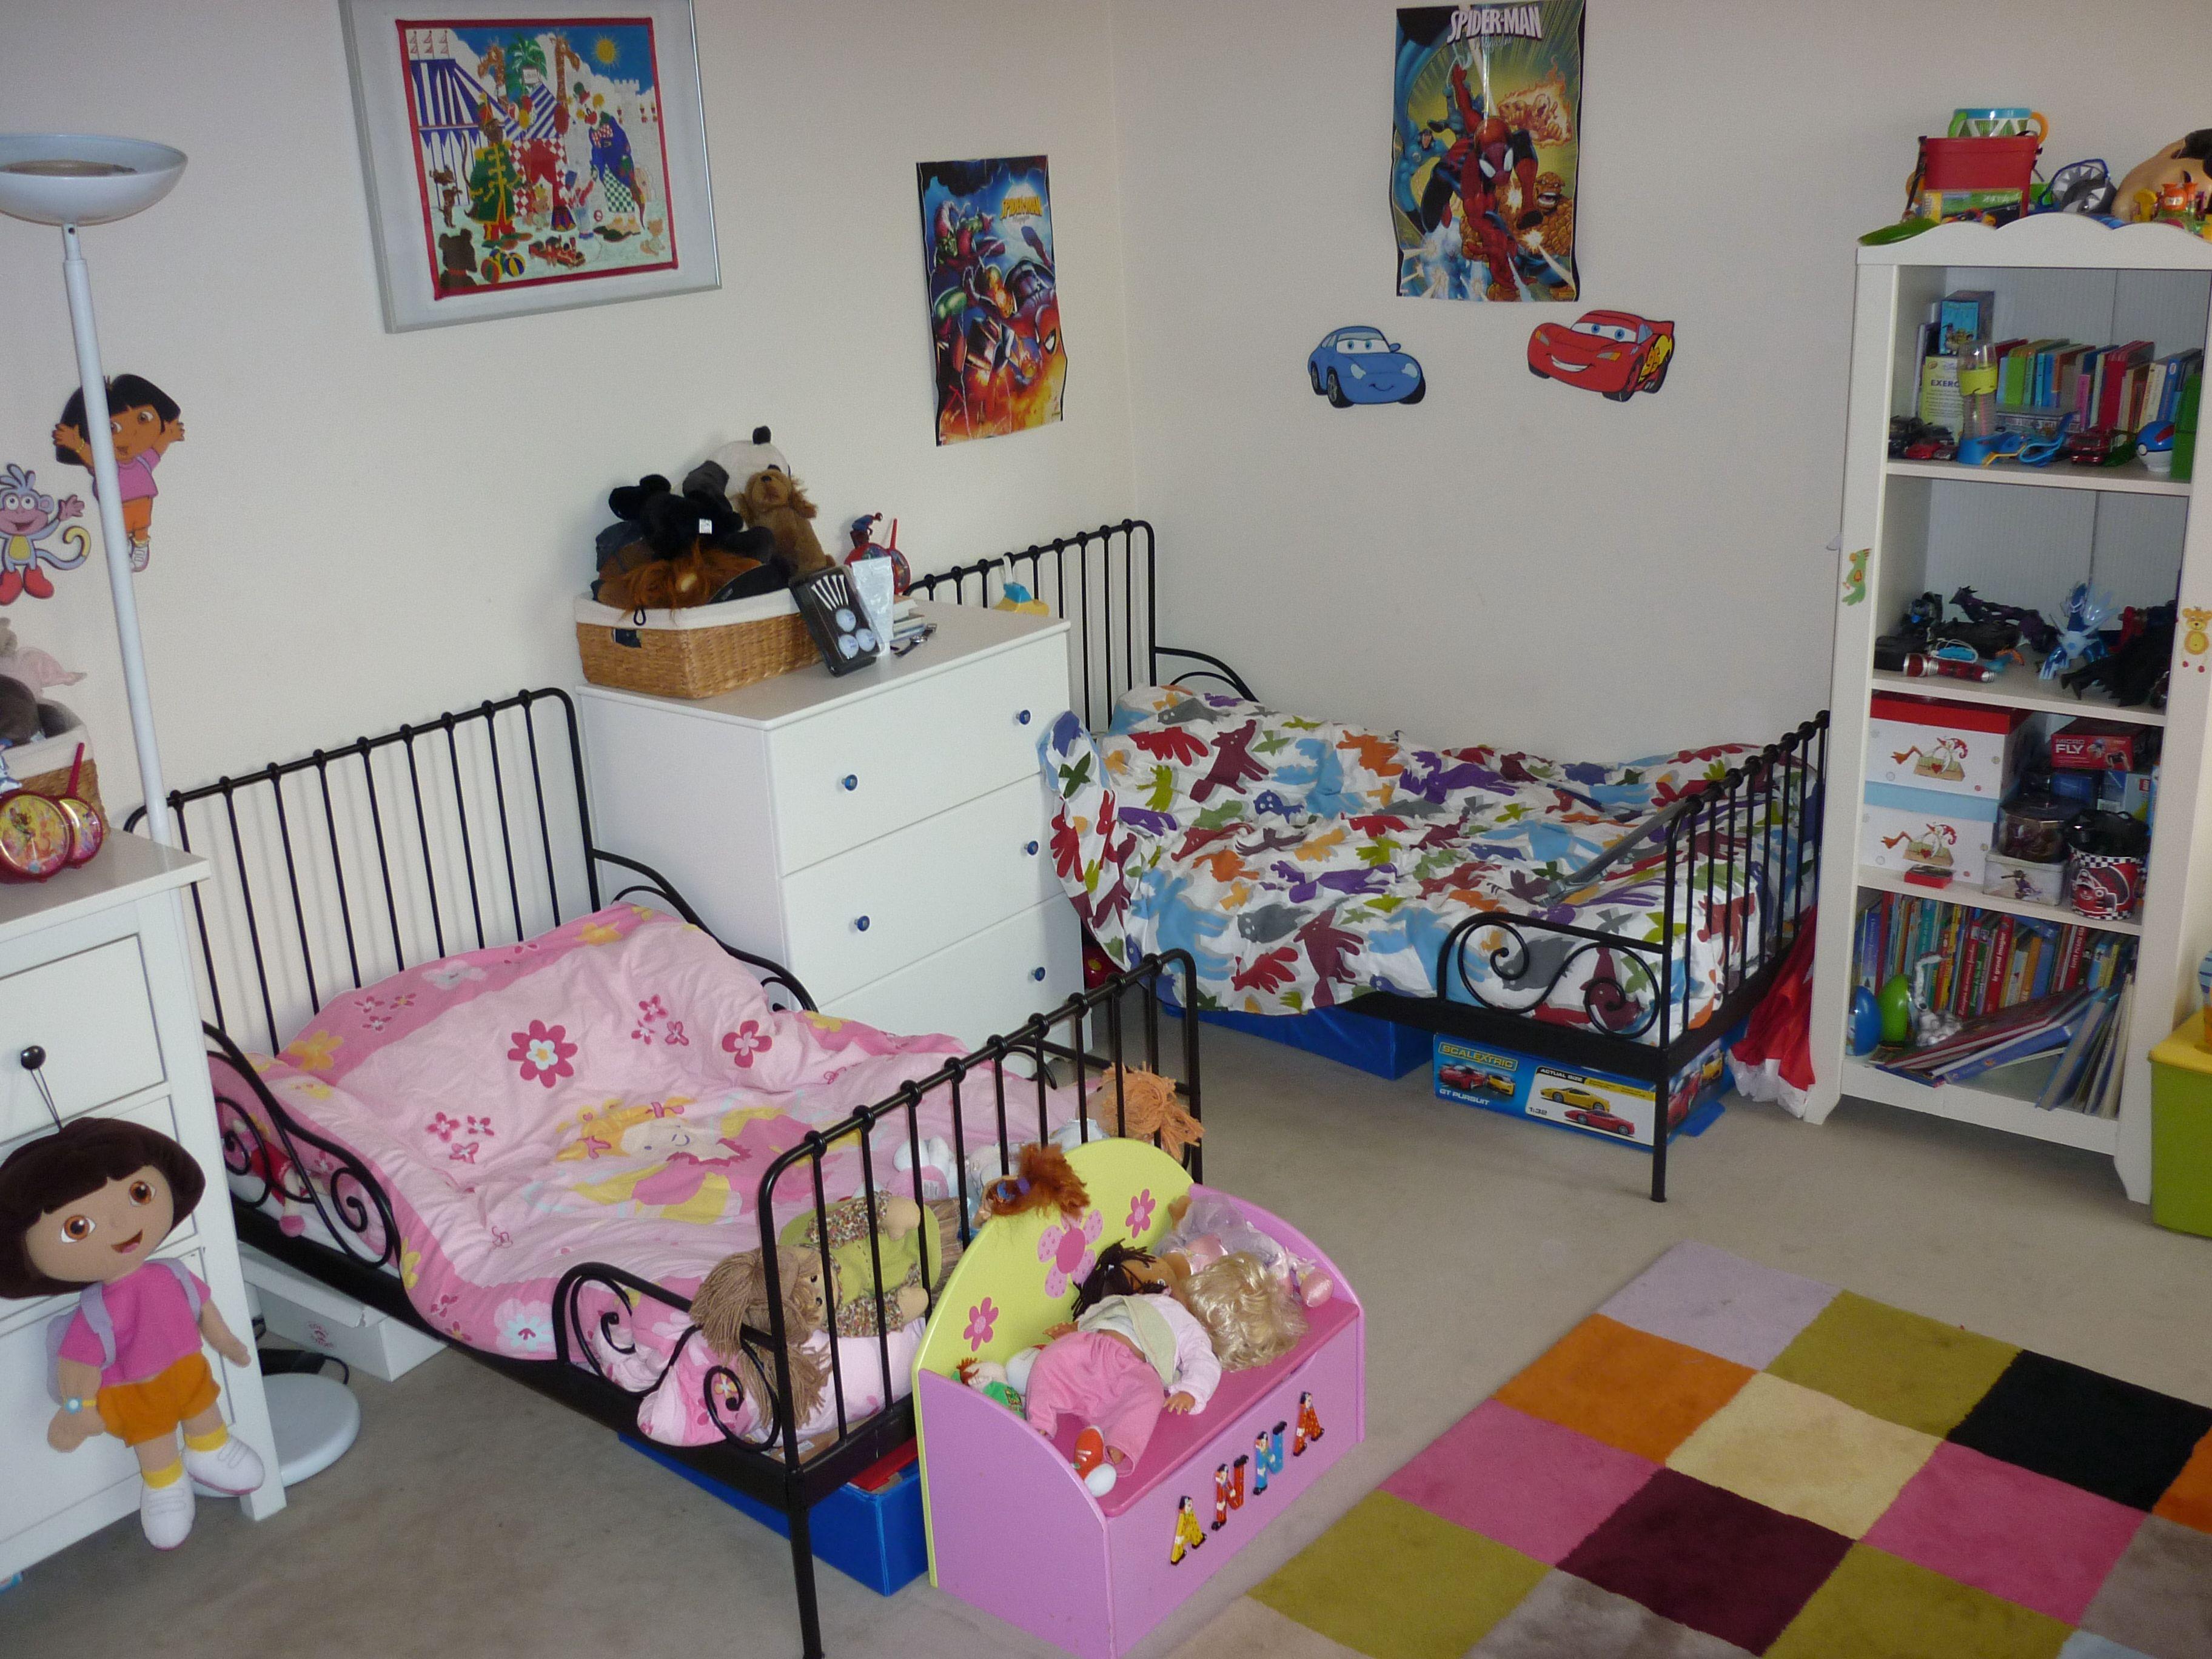 Une chambre, deux enfants, deux espaces - La Déco décodée